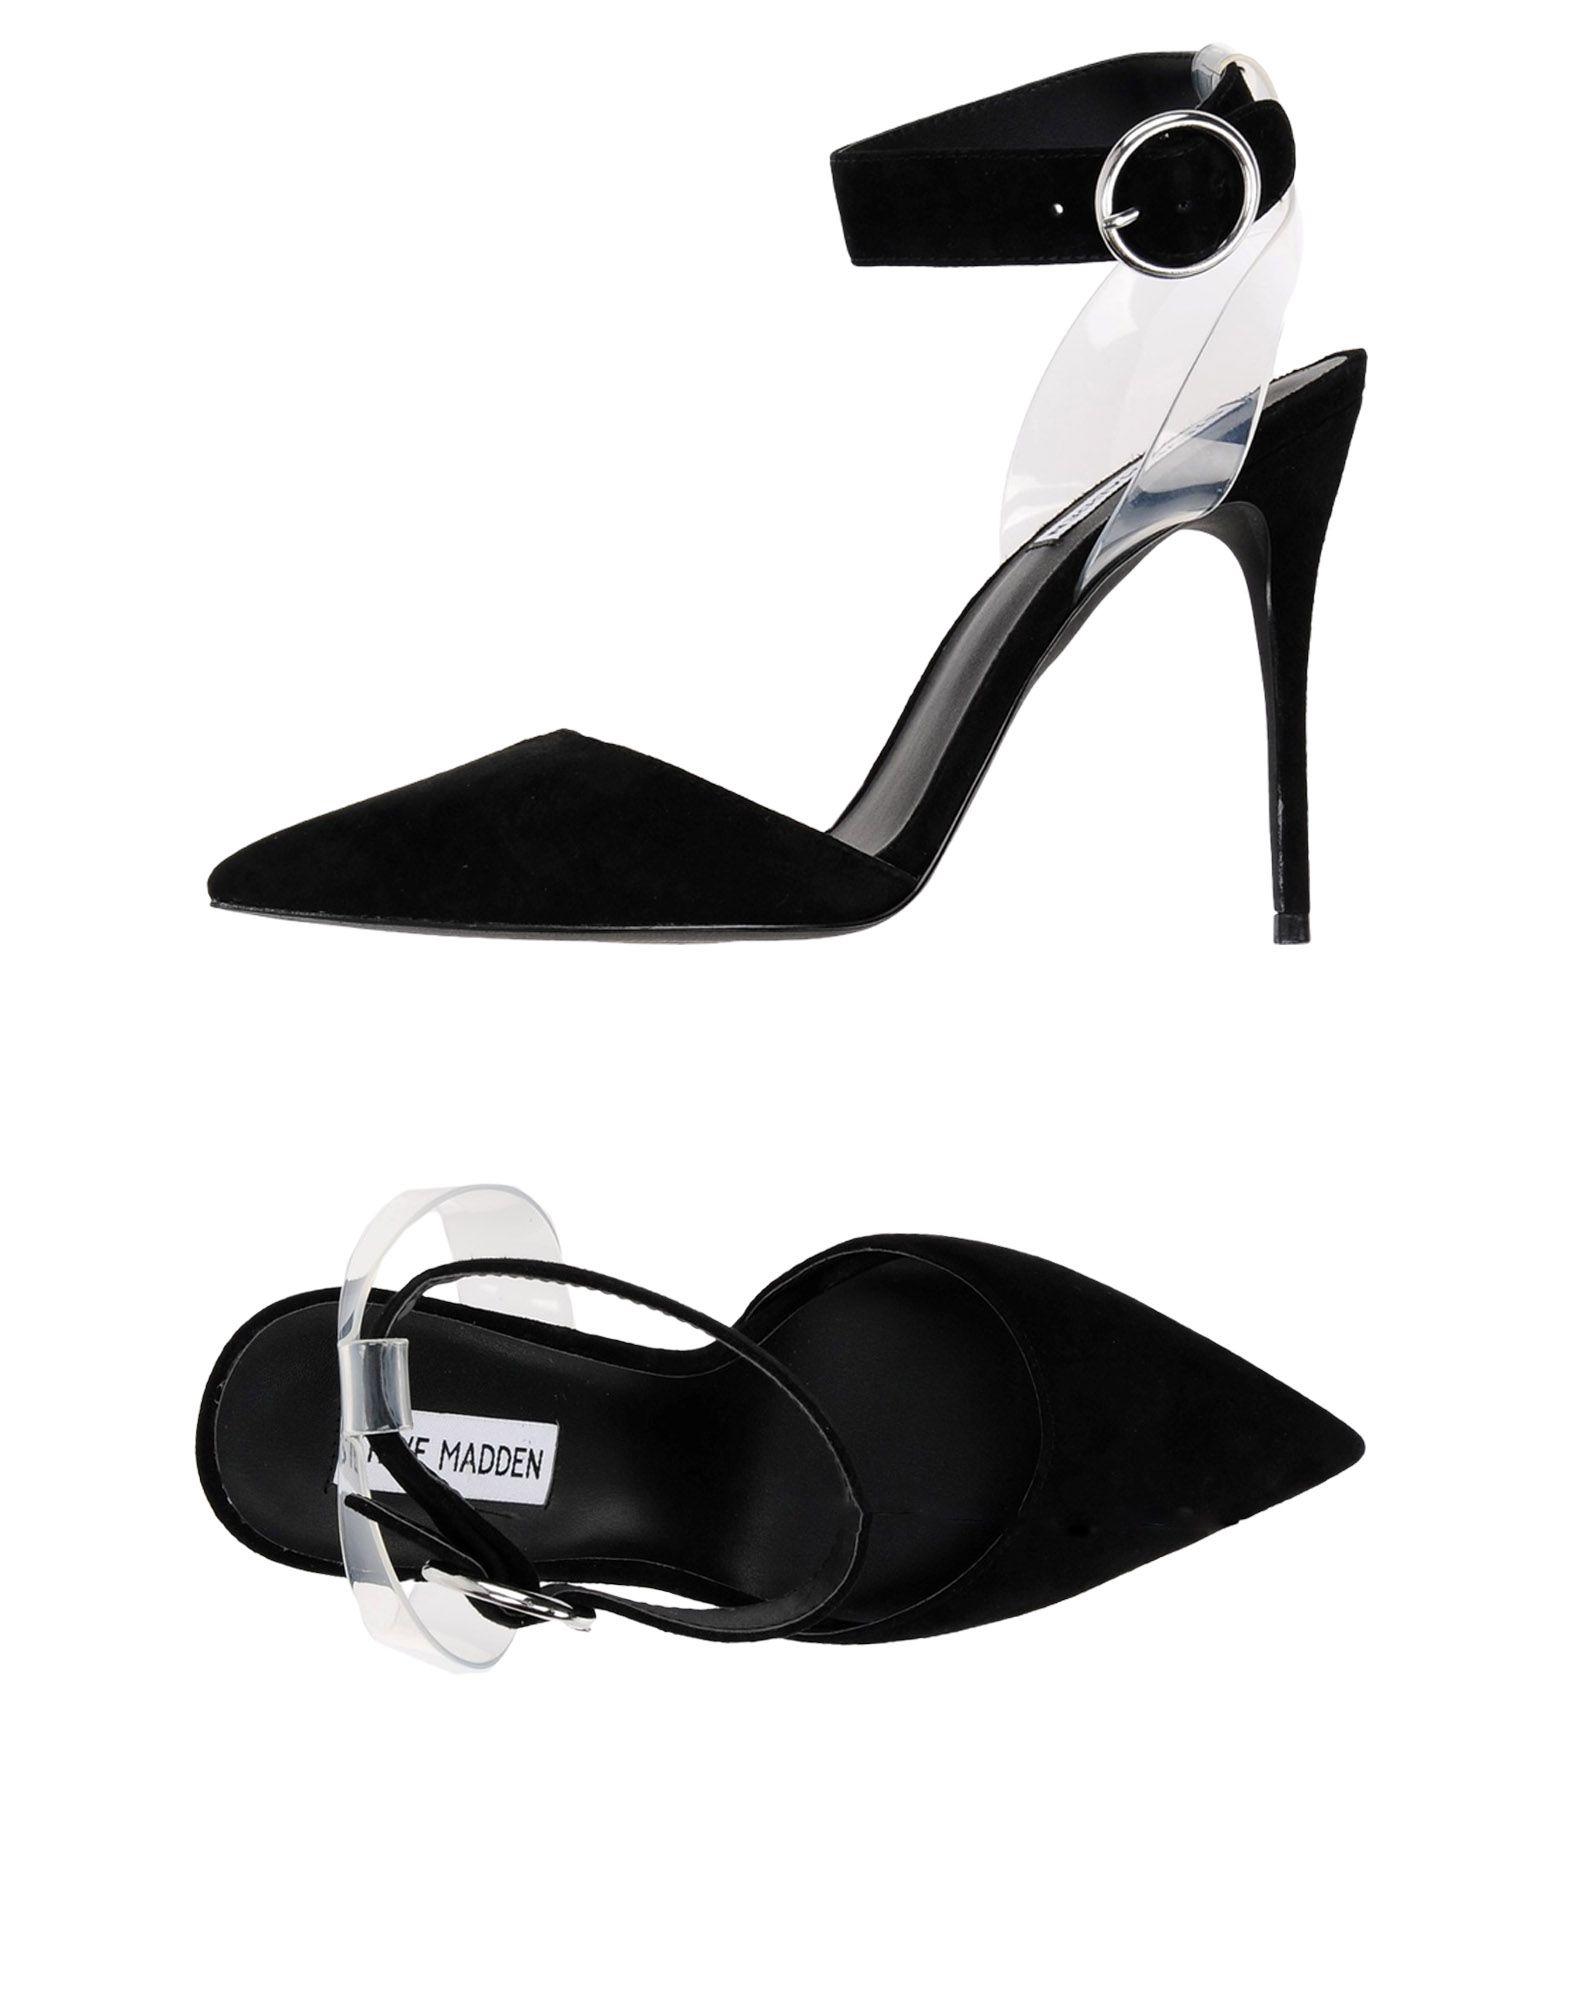 Recomendado cojo jamón  Zapato De Salón Steve Madden Diva Pump - Mujer - Salones Steve Madden en  YOOX - 11438850